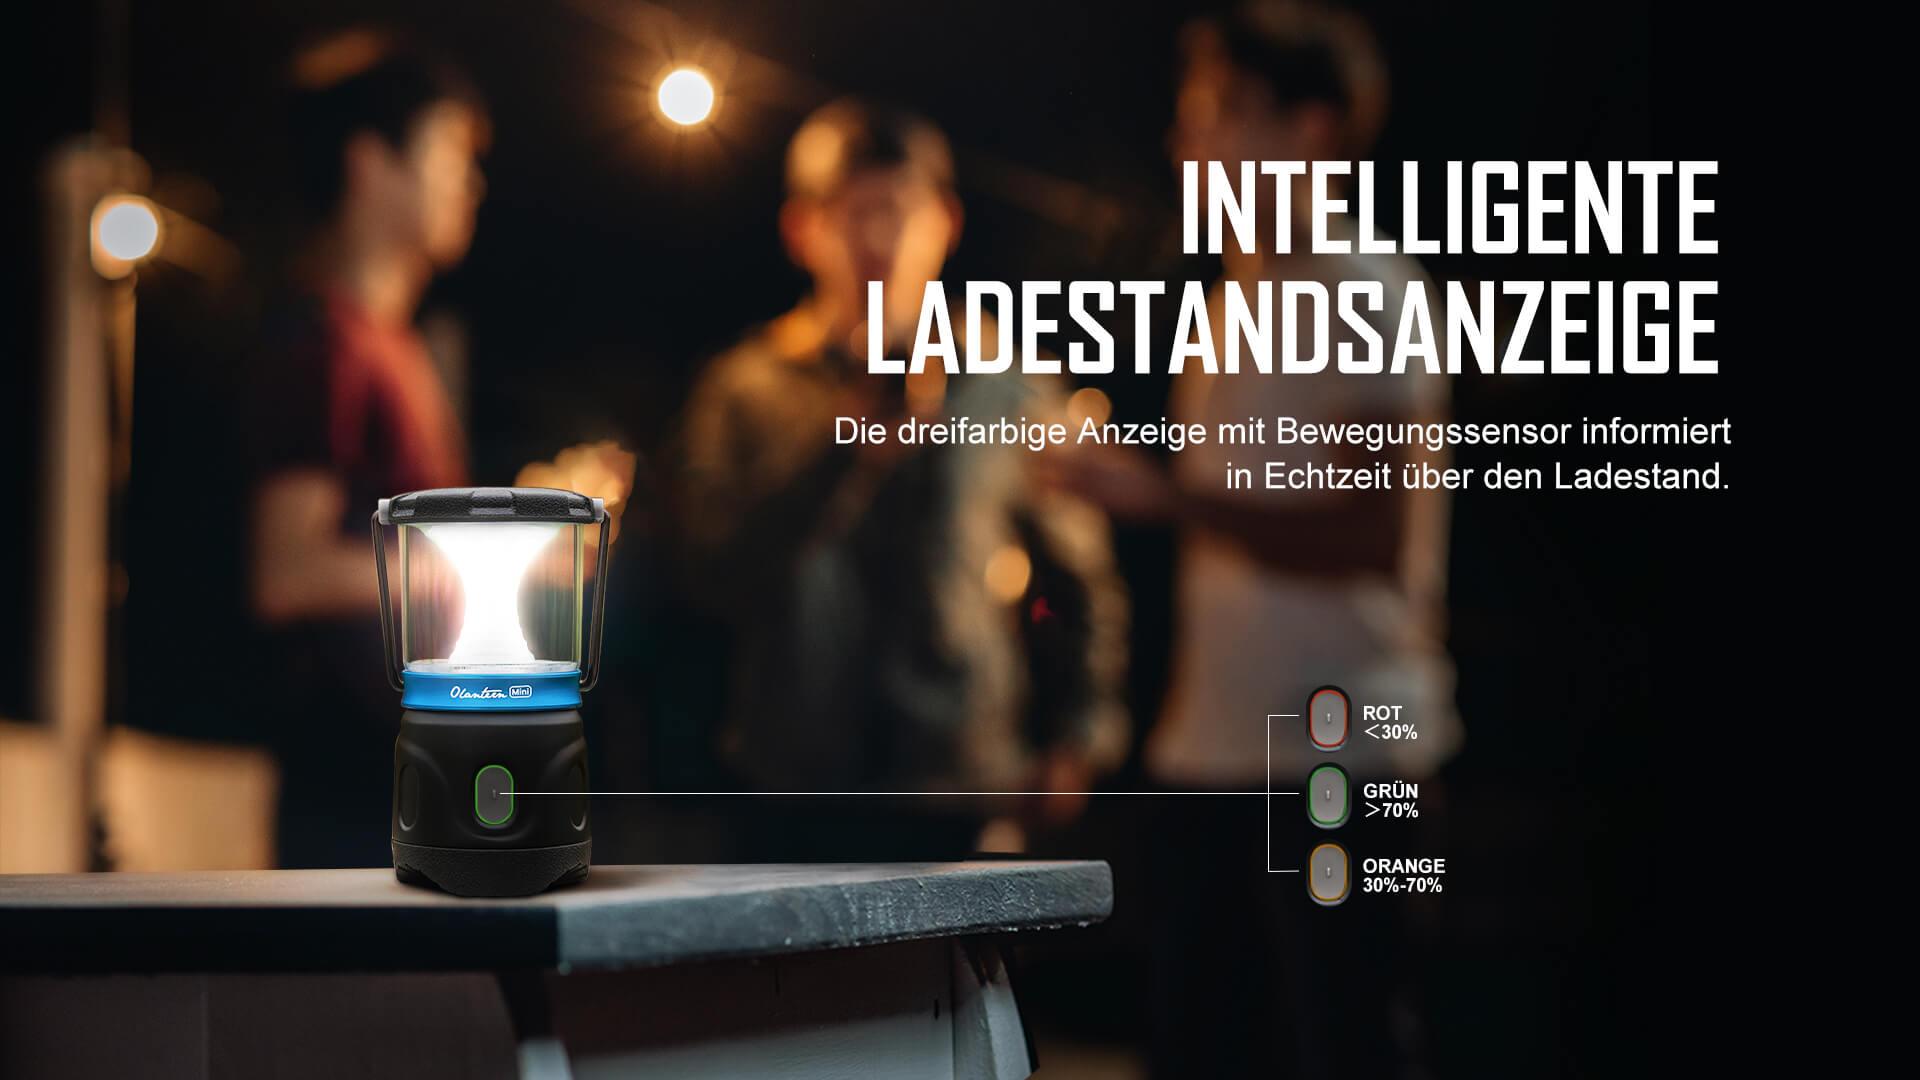 Taschenlampe mit Intelligenter Ladestandsanzeige